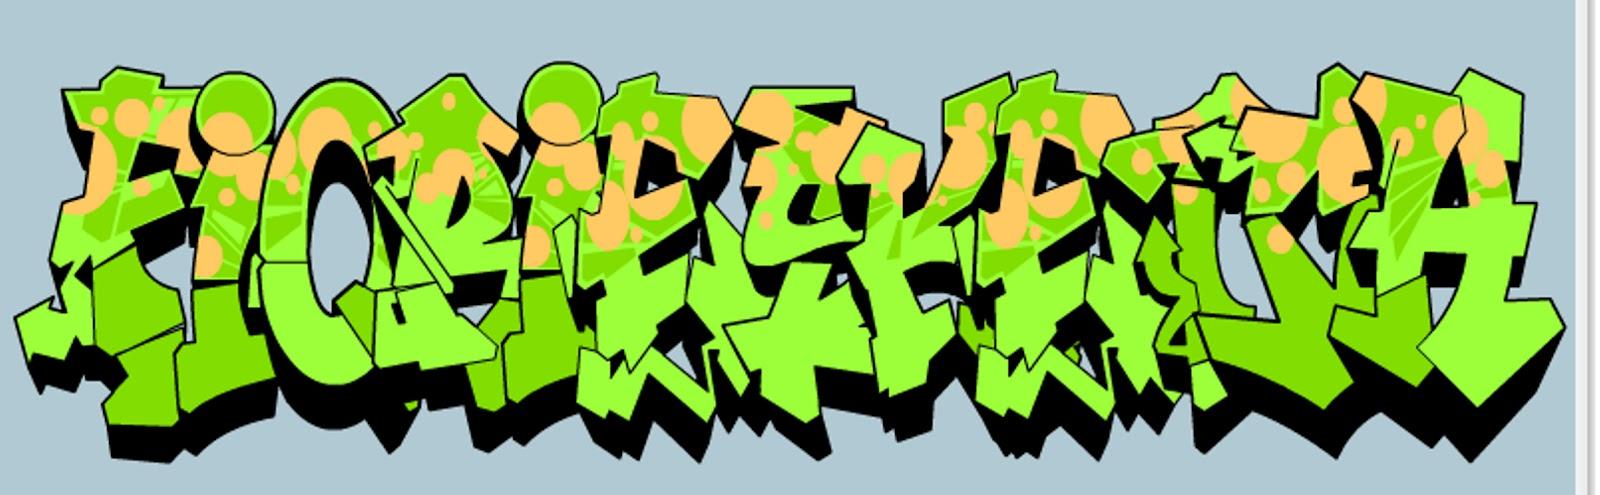 Menyimpan gambar dari graffiti creator